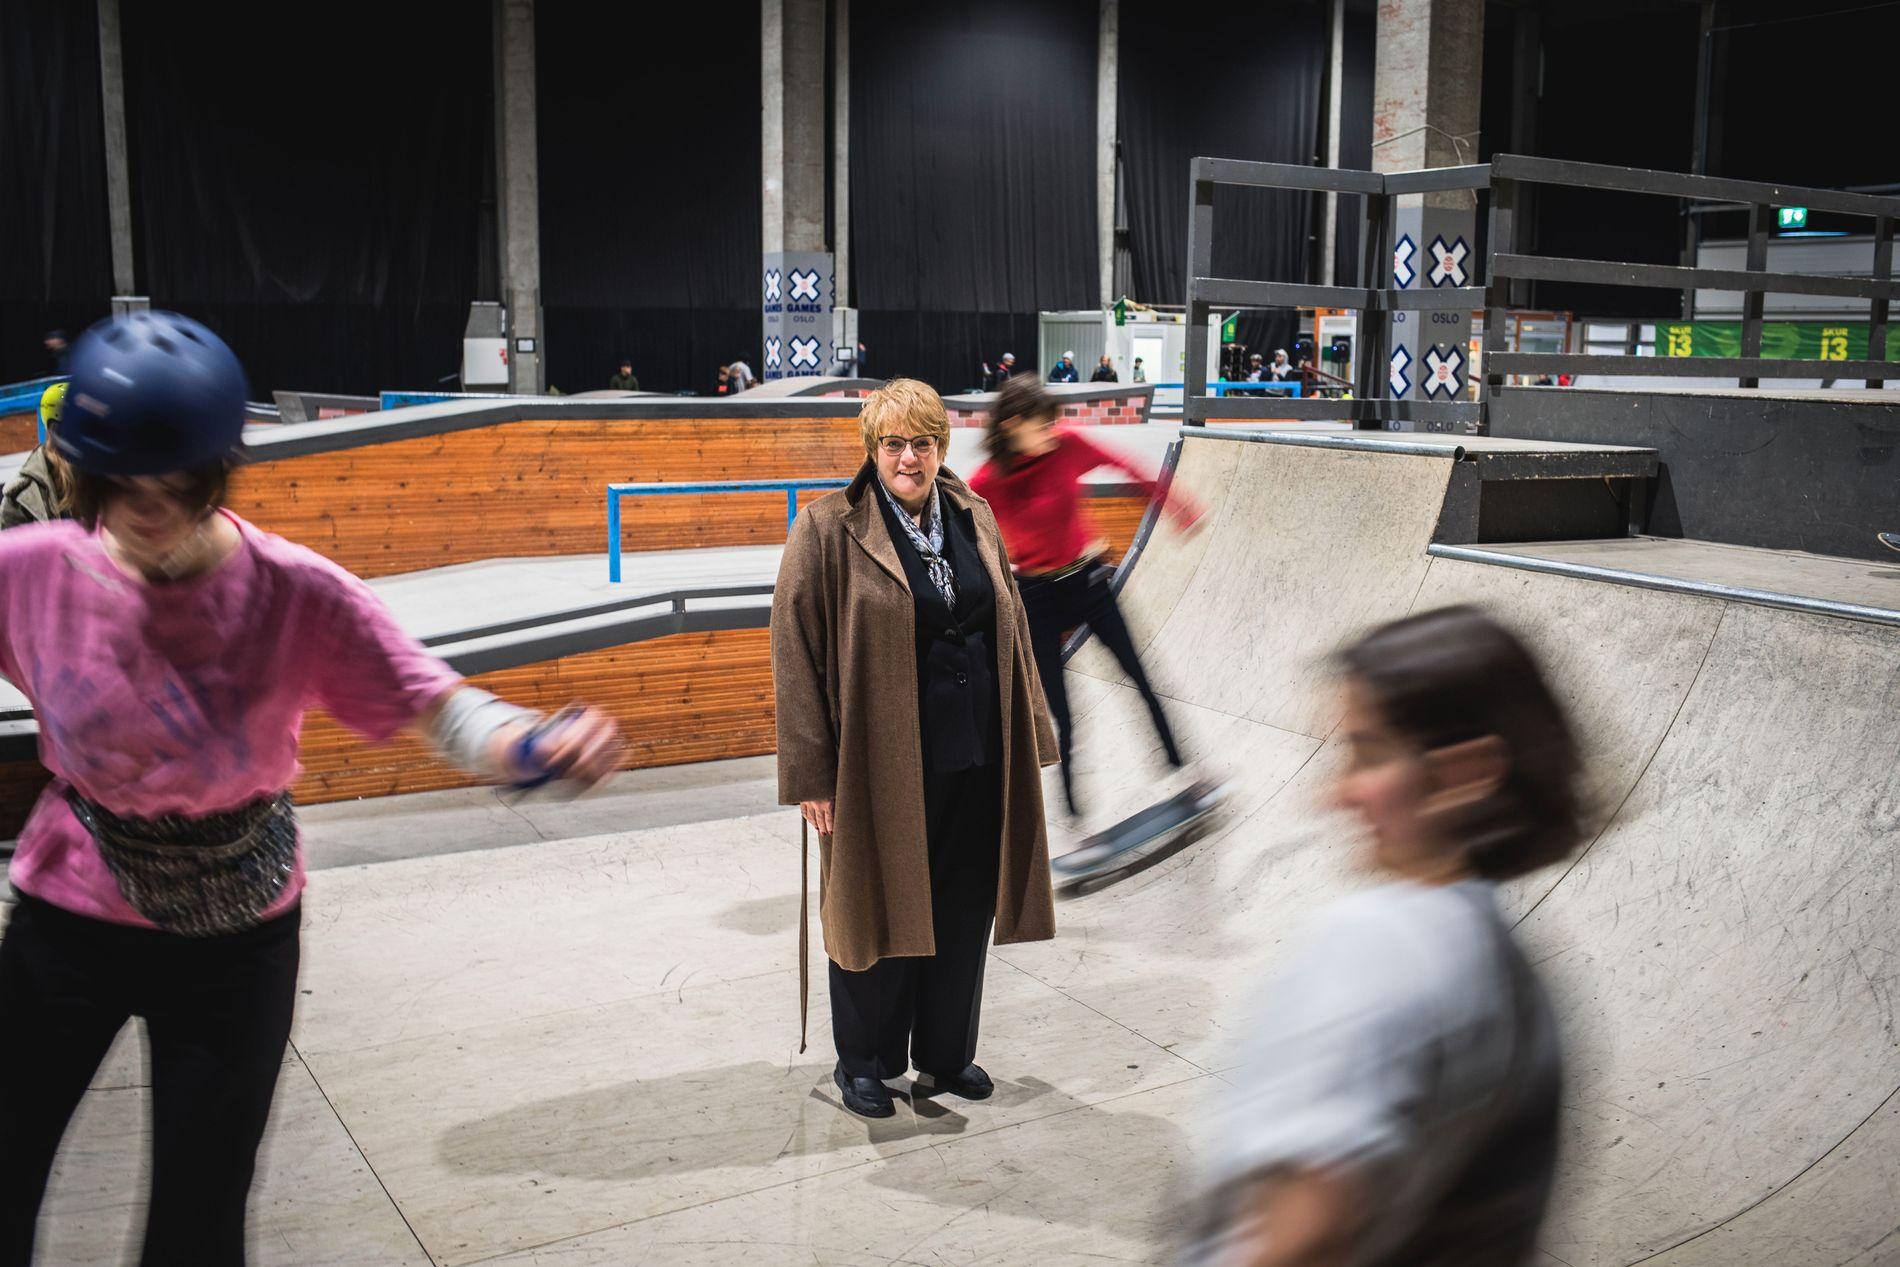 HEIER PÅ DE EGENORGANISERTE: Ventre snakket allerede i 2016 om å bruke 50 millioner kroner i året på egenorganisert idrett. Nå er man tett på å oppfylle dette. Her er Trine Skei Grande på et skateboardanlegg i Oslo.